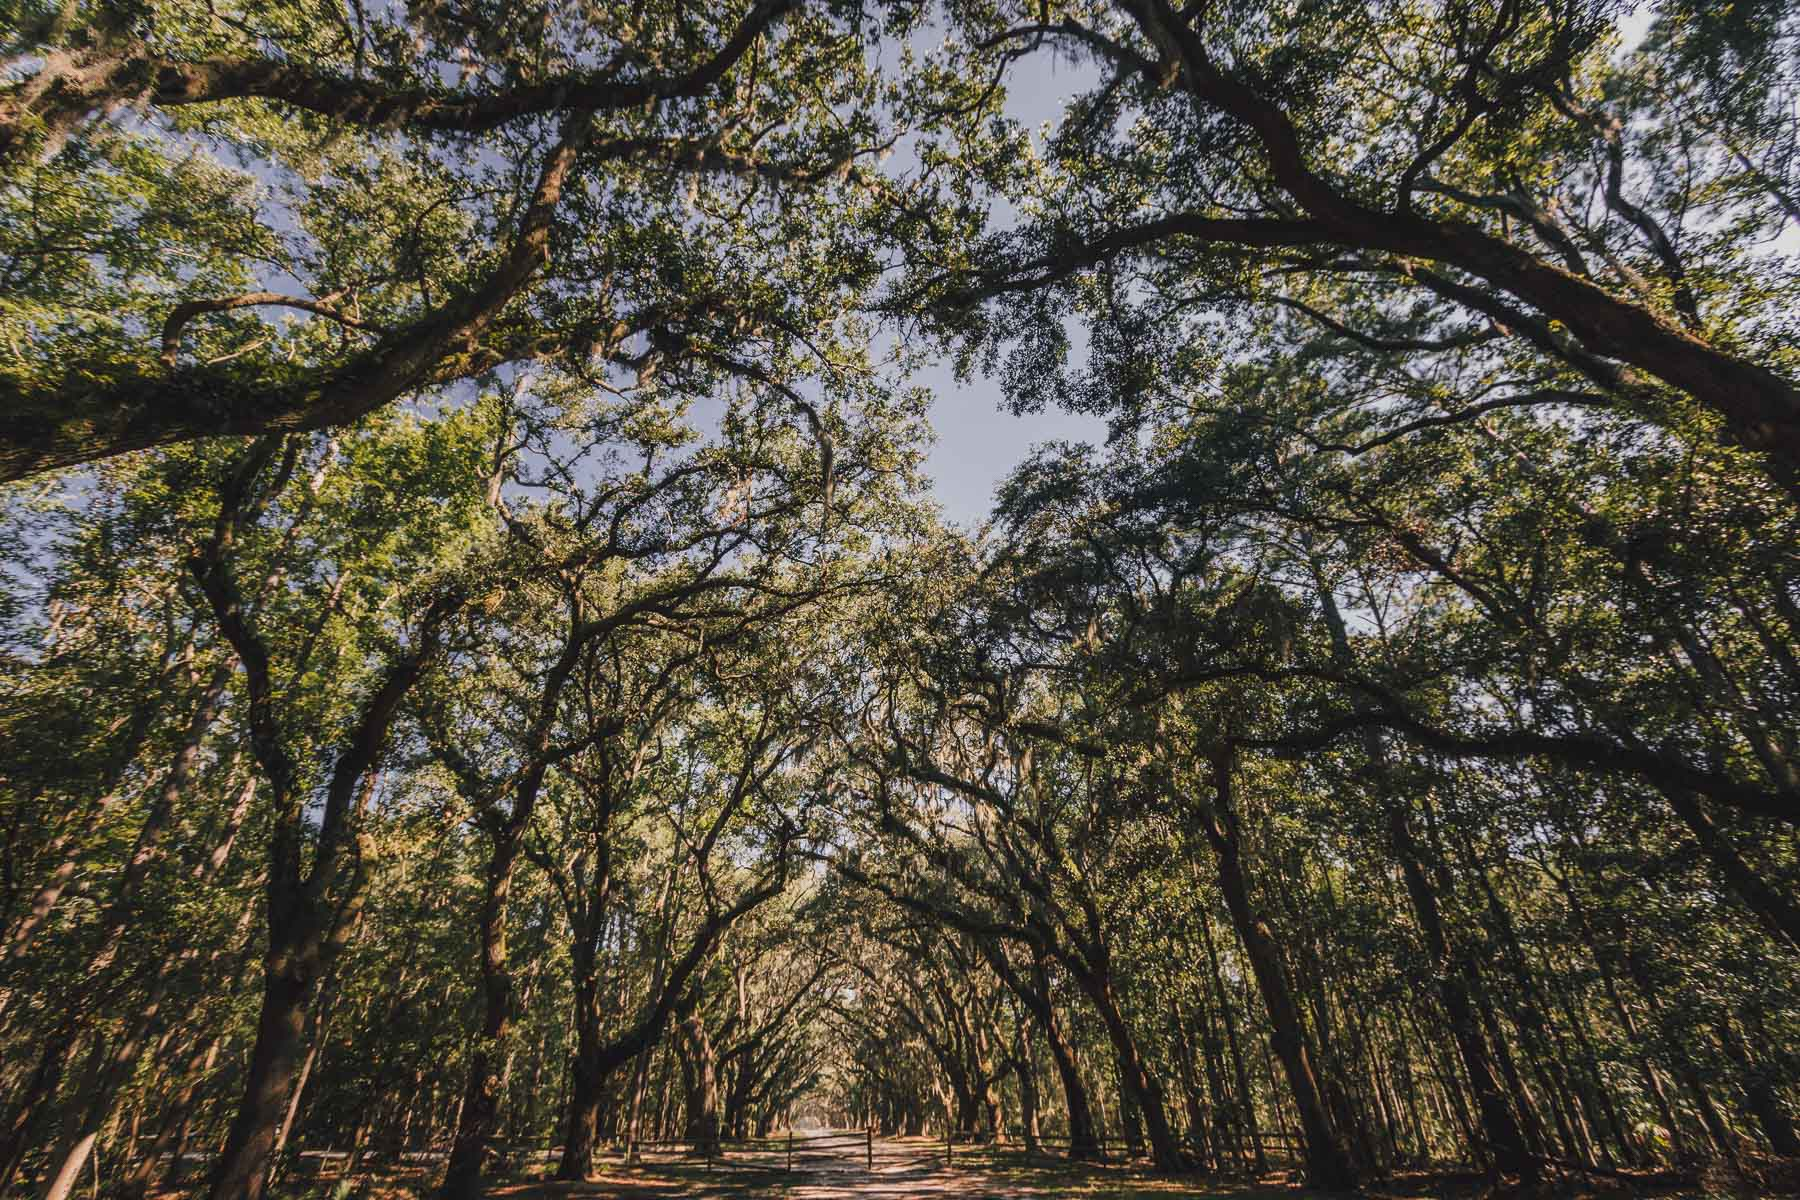 savannah_forblog-26.jpg